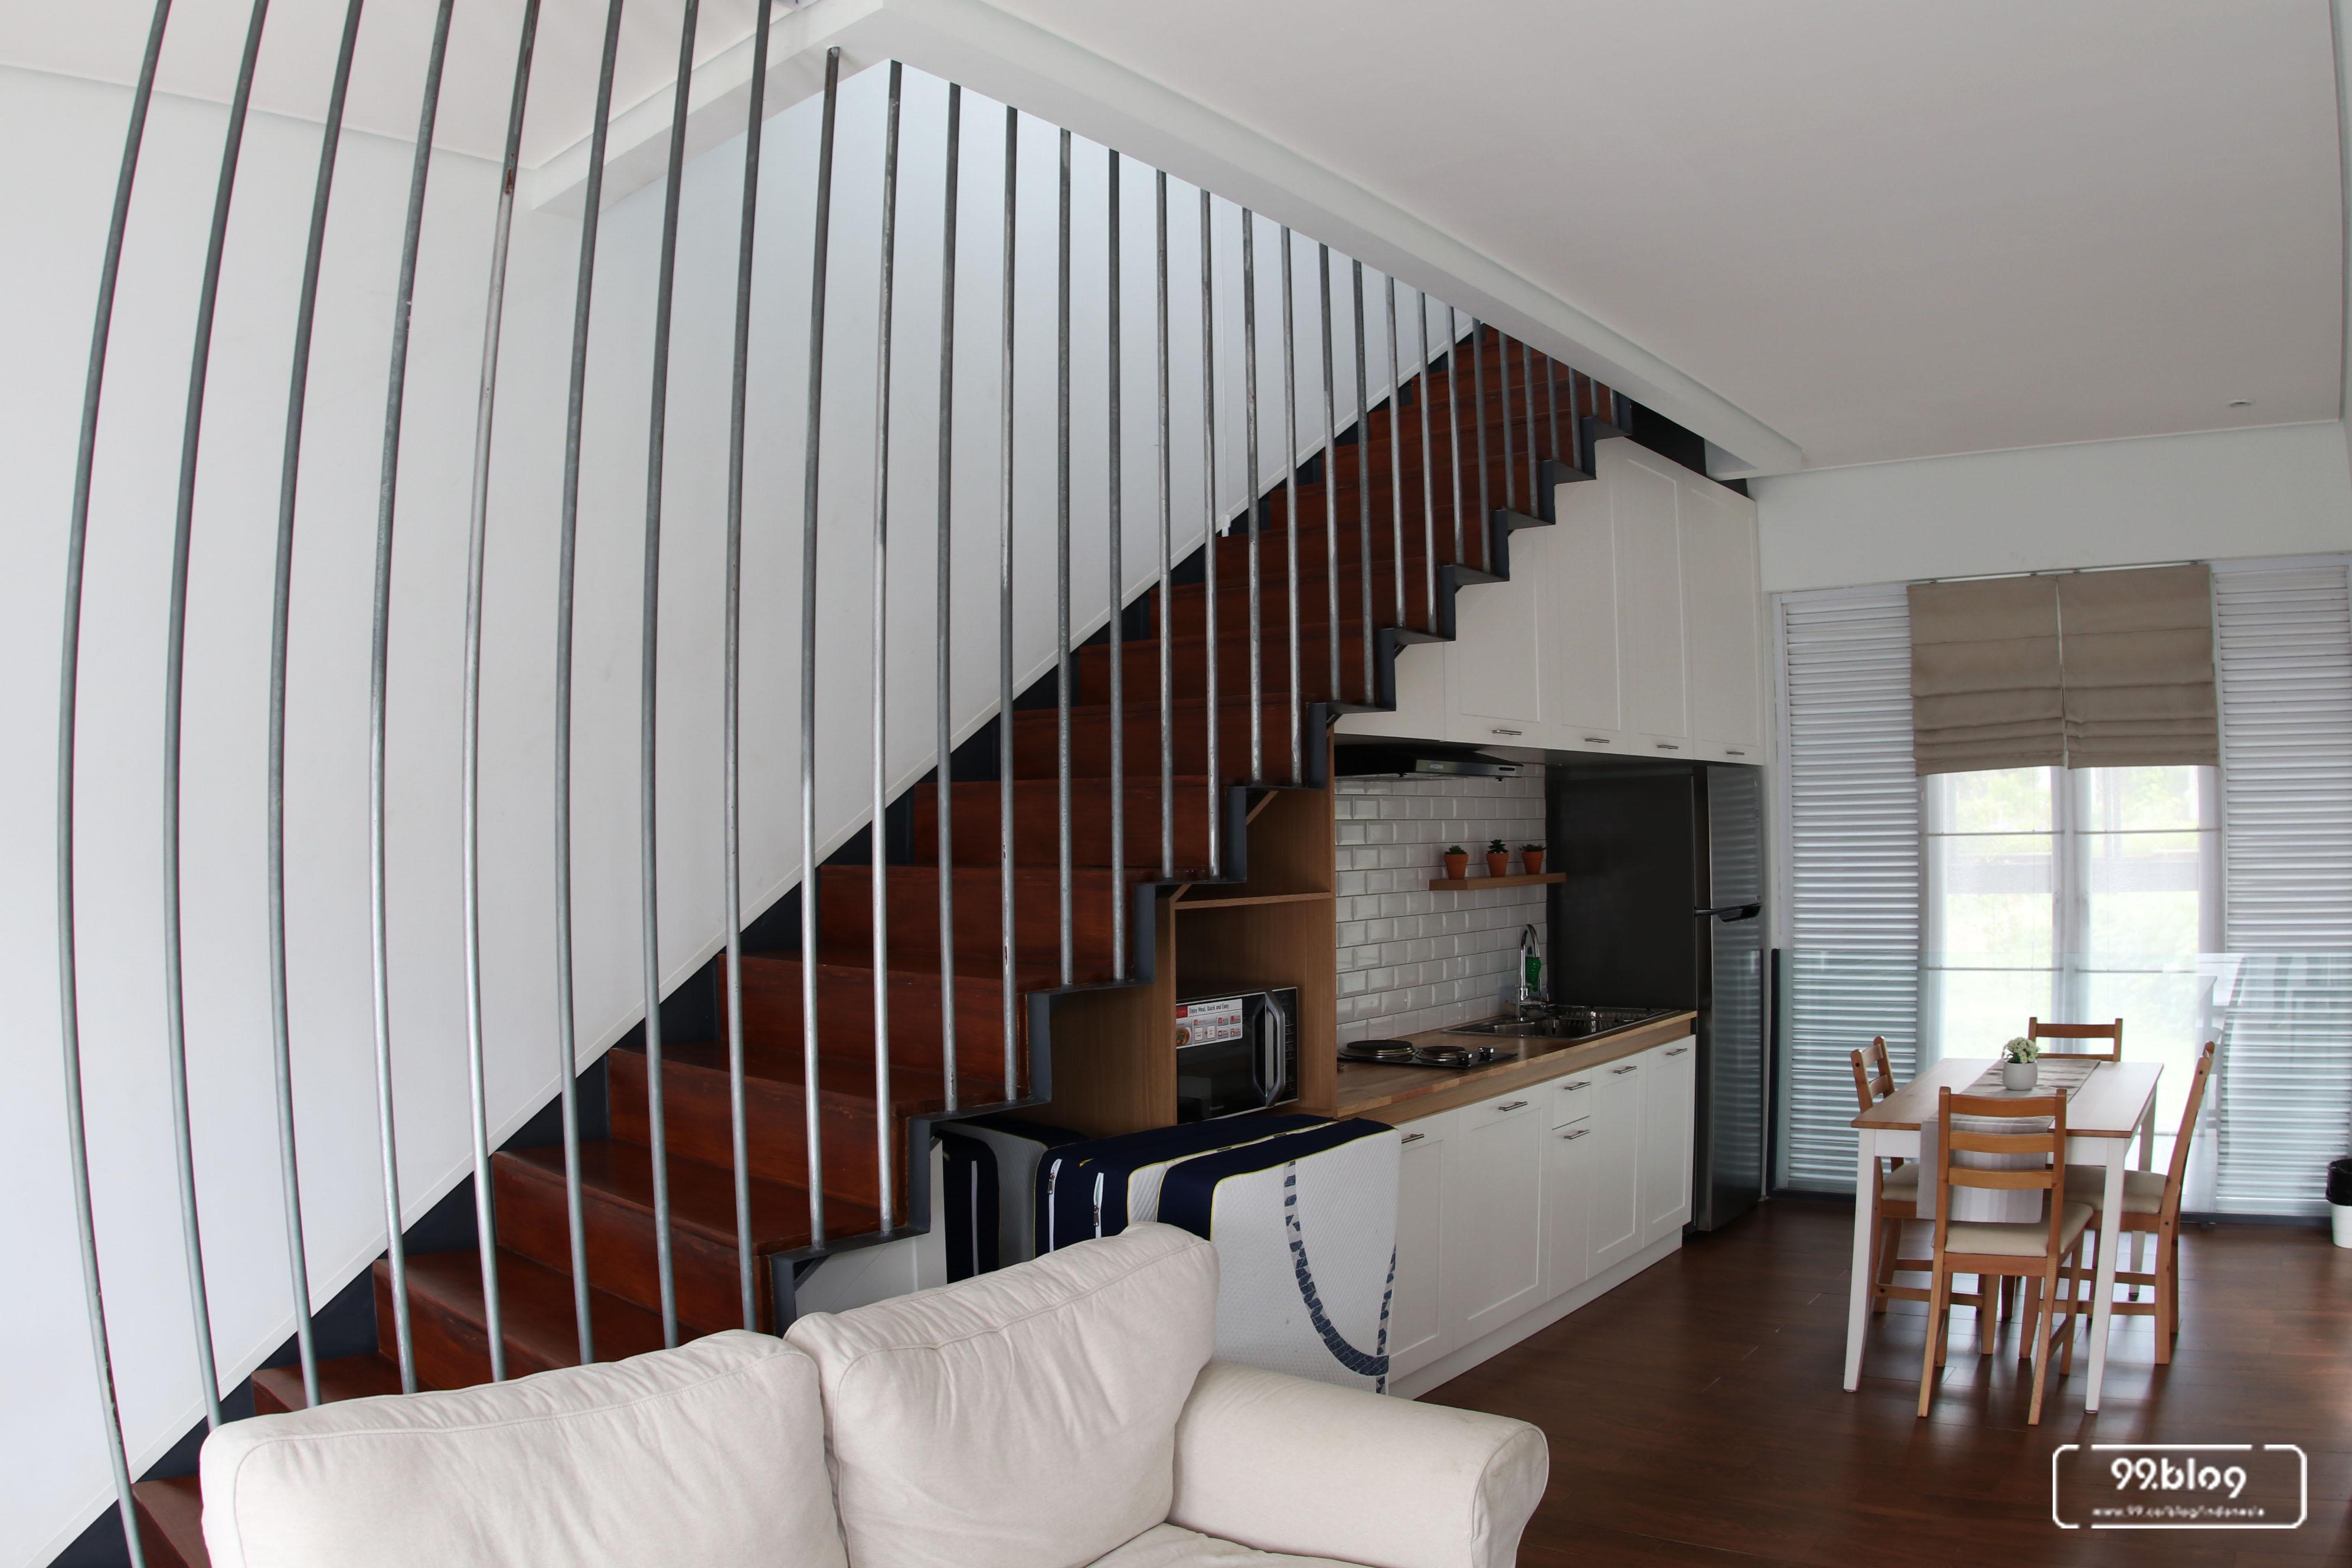 tangga dan ruang dapur wch